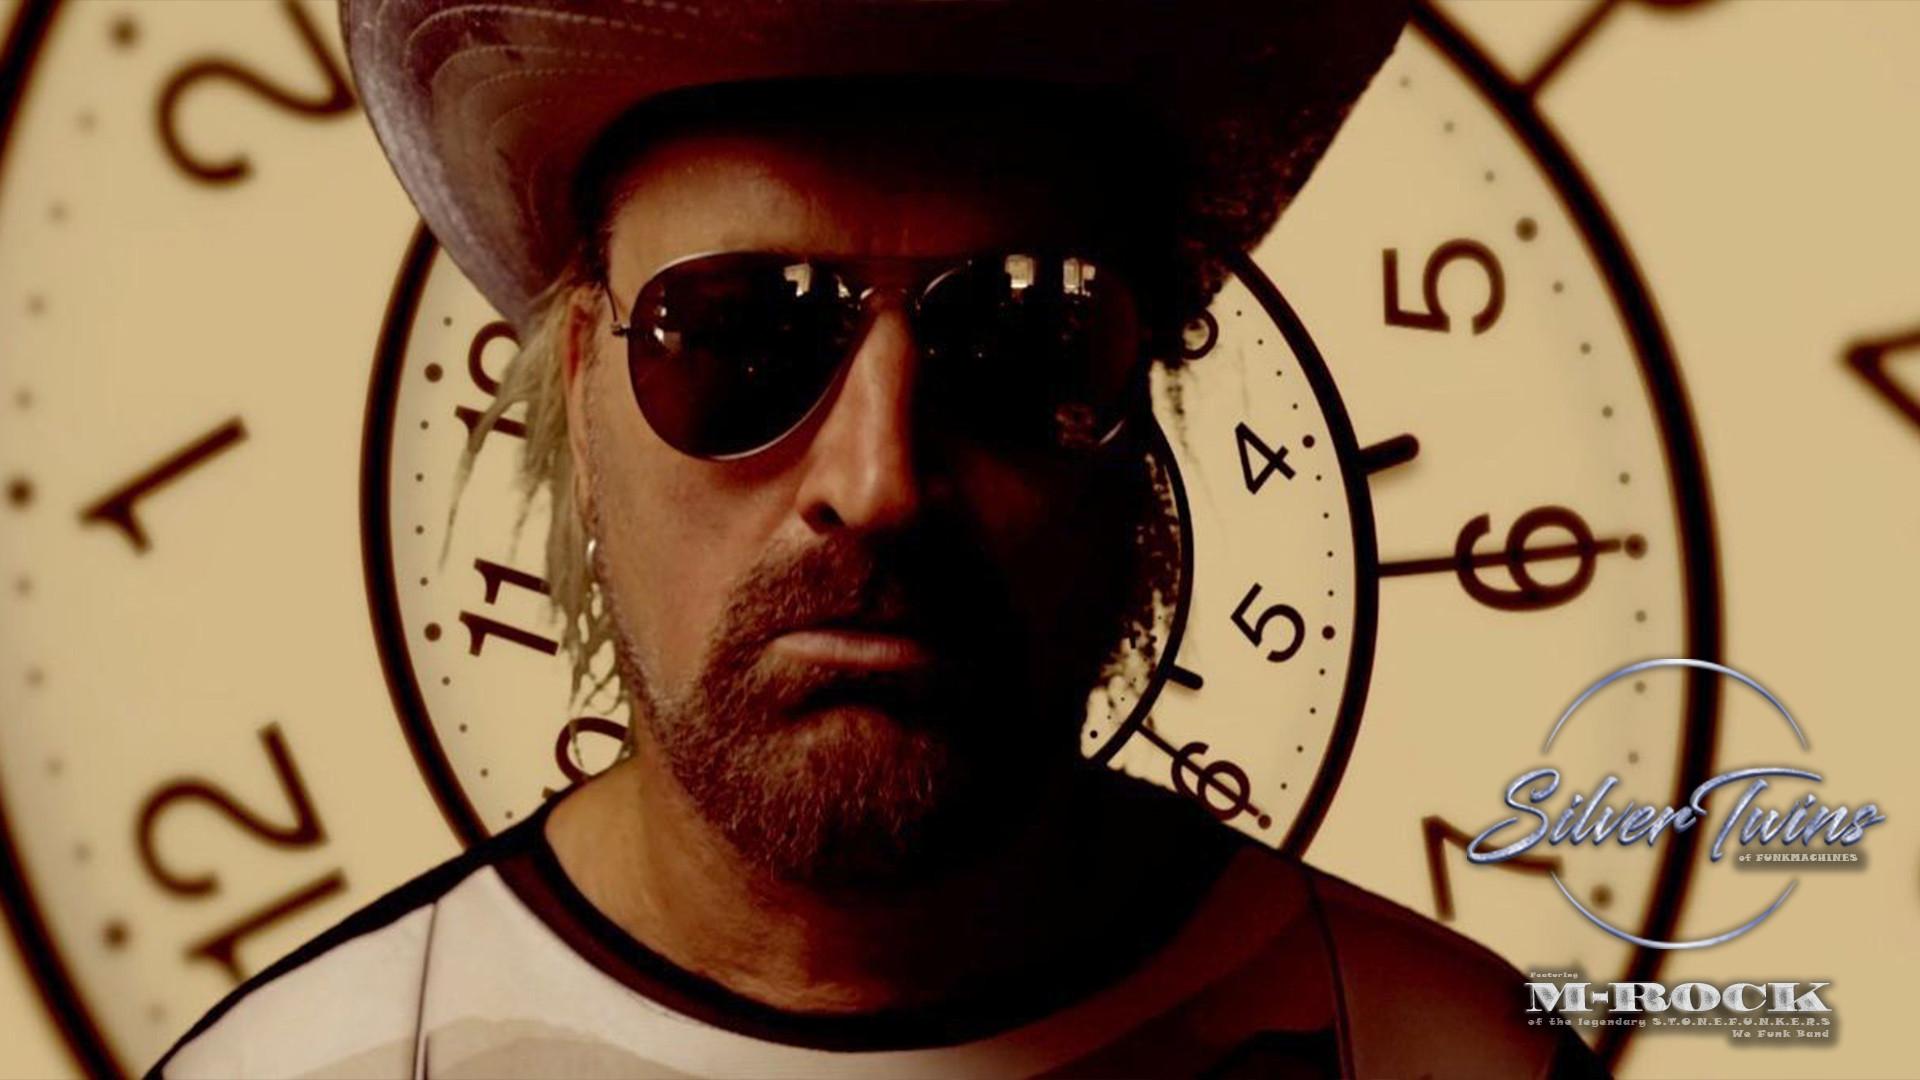 Time SilverTwins of funk emrik framför k